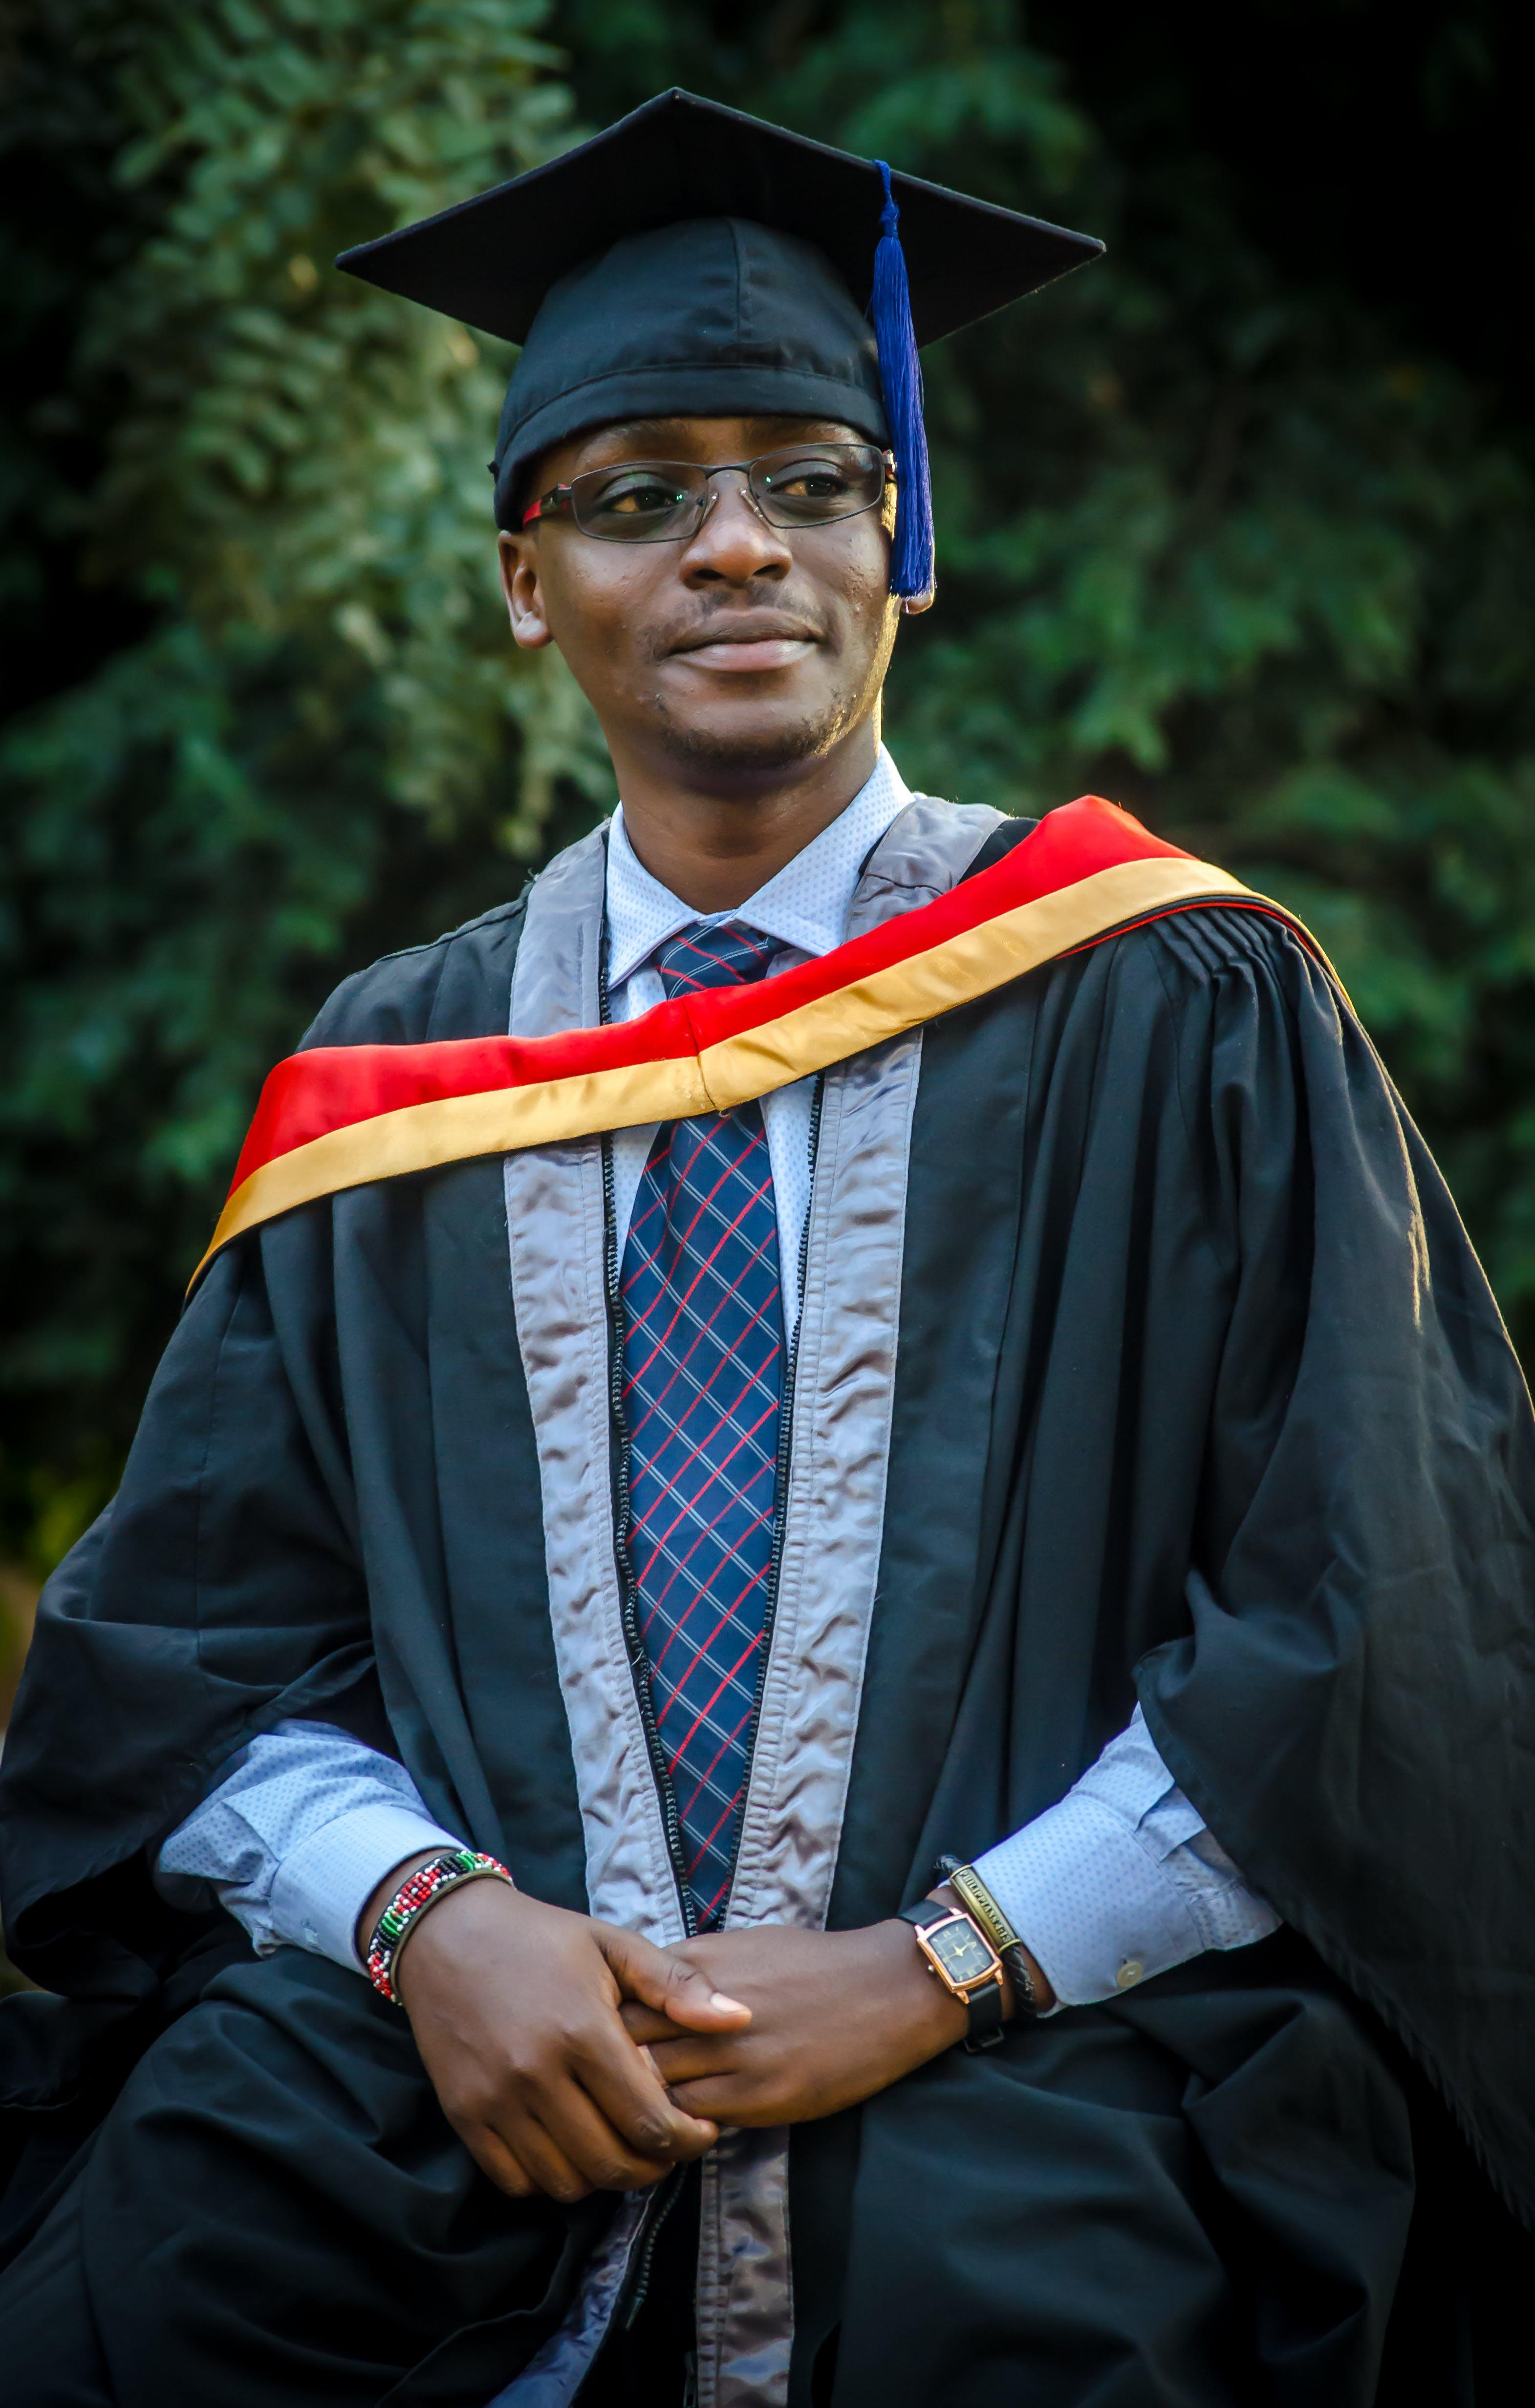 Kostenloses Stock Foto zu absolvent, afroamerikanischer mann, ausbildung, erwachsener